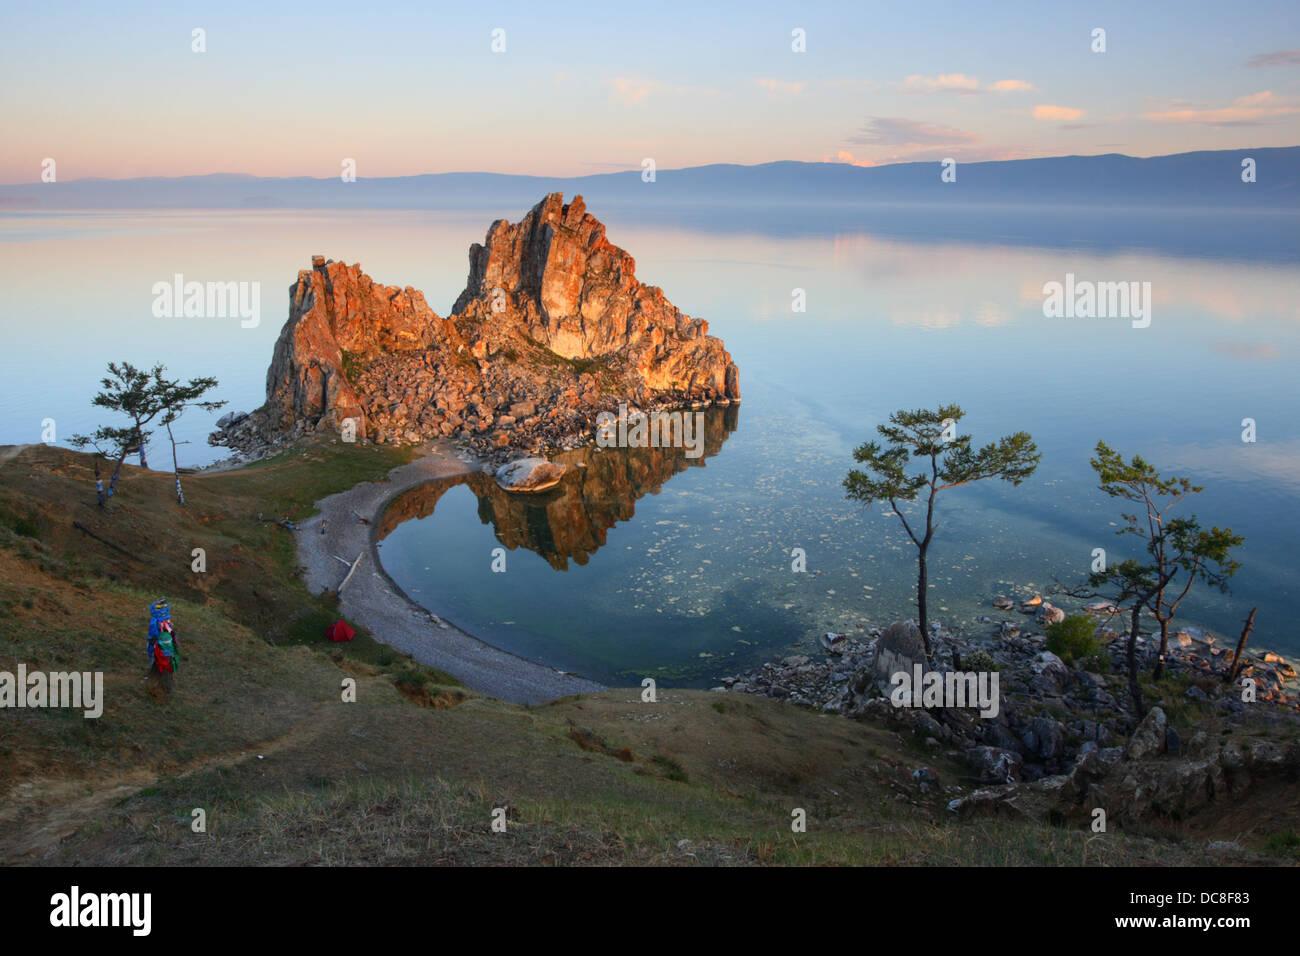 """Berg 'Schamanka"""", Kap Burchan, eines der neun heiligsten Orte in Asien auf Olchon am Baikalsee in Sibirien Stockbild"""